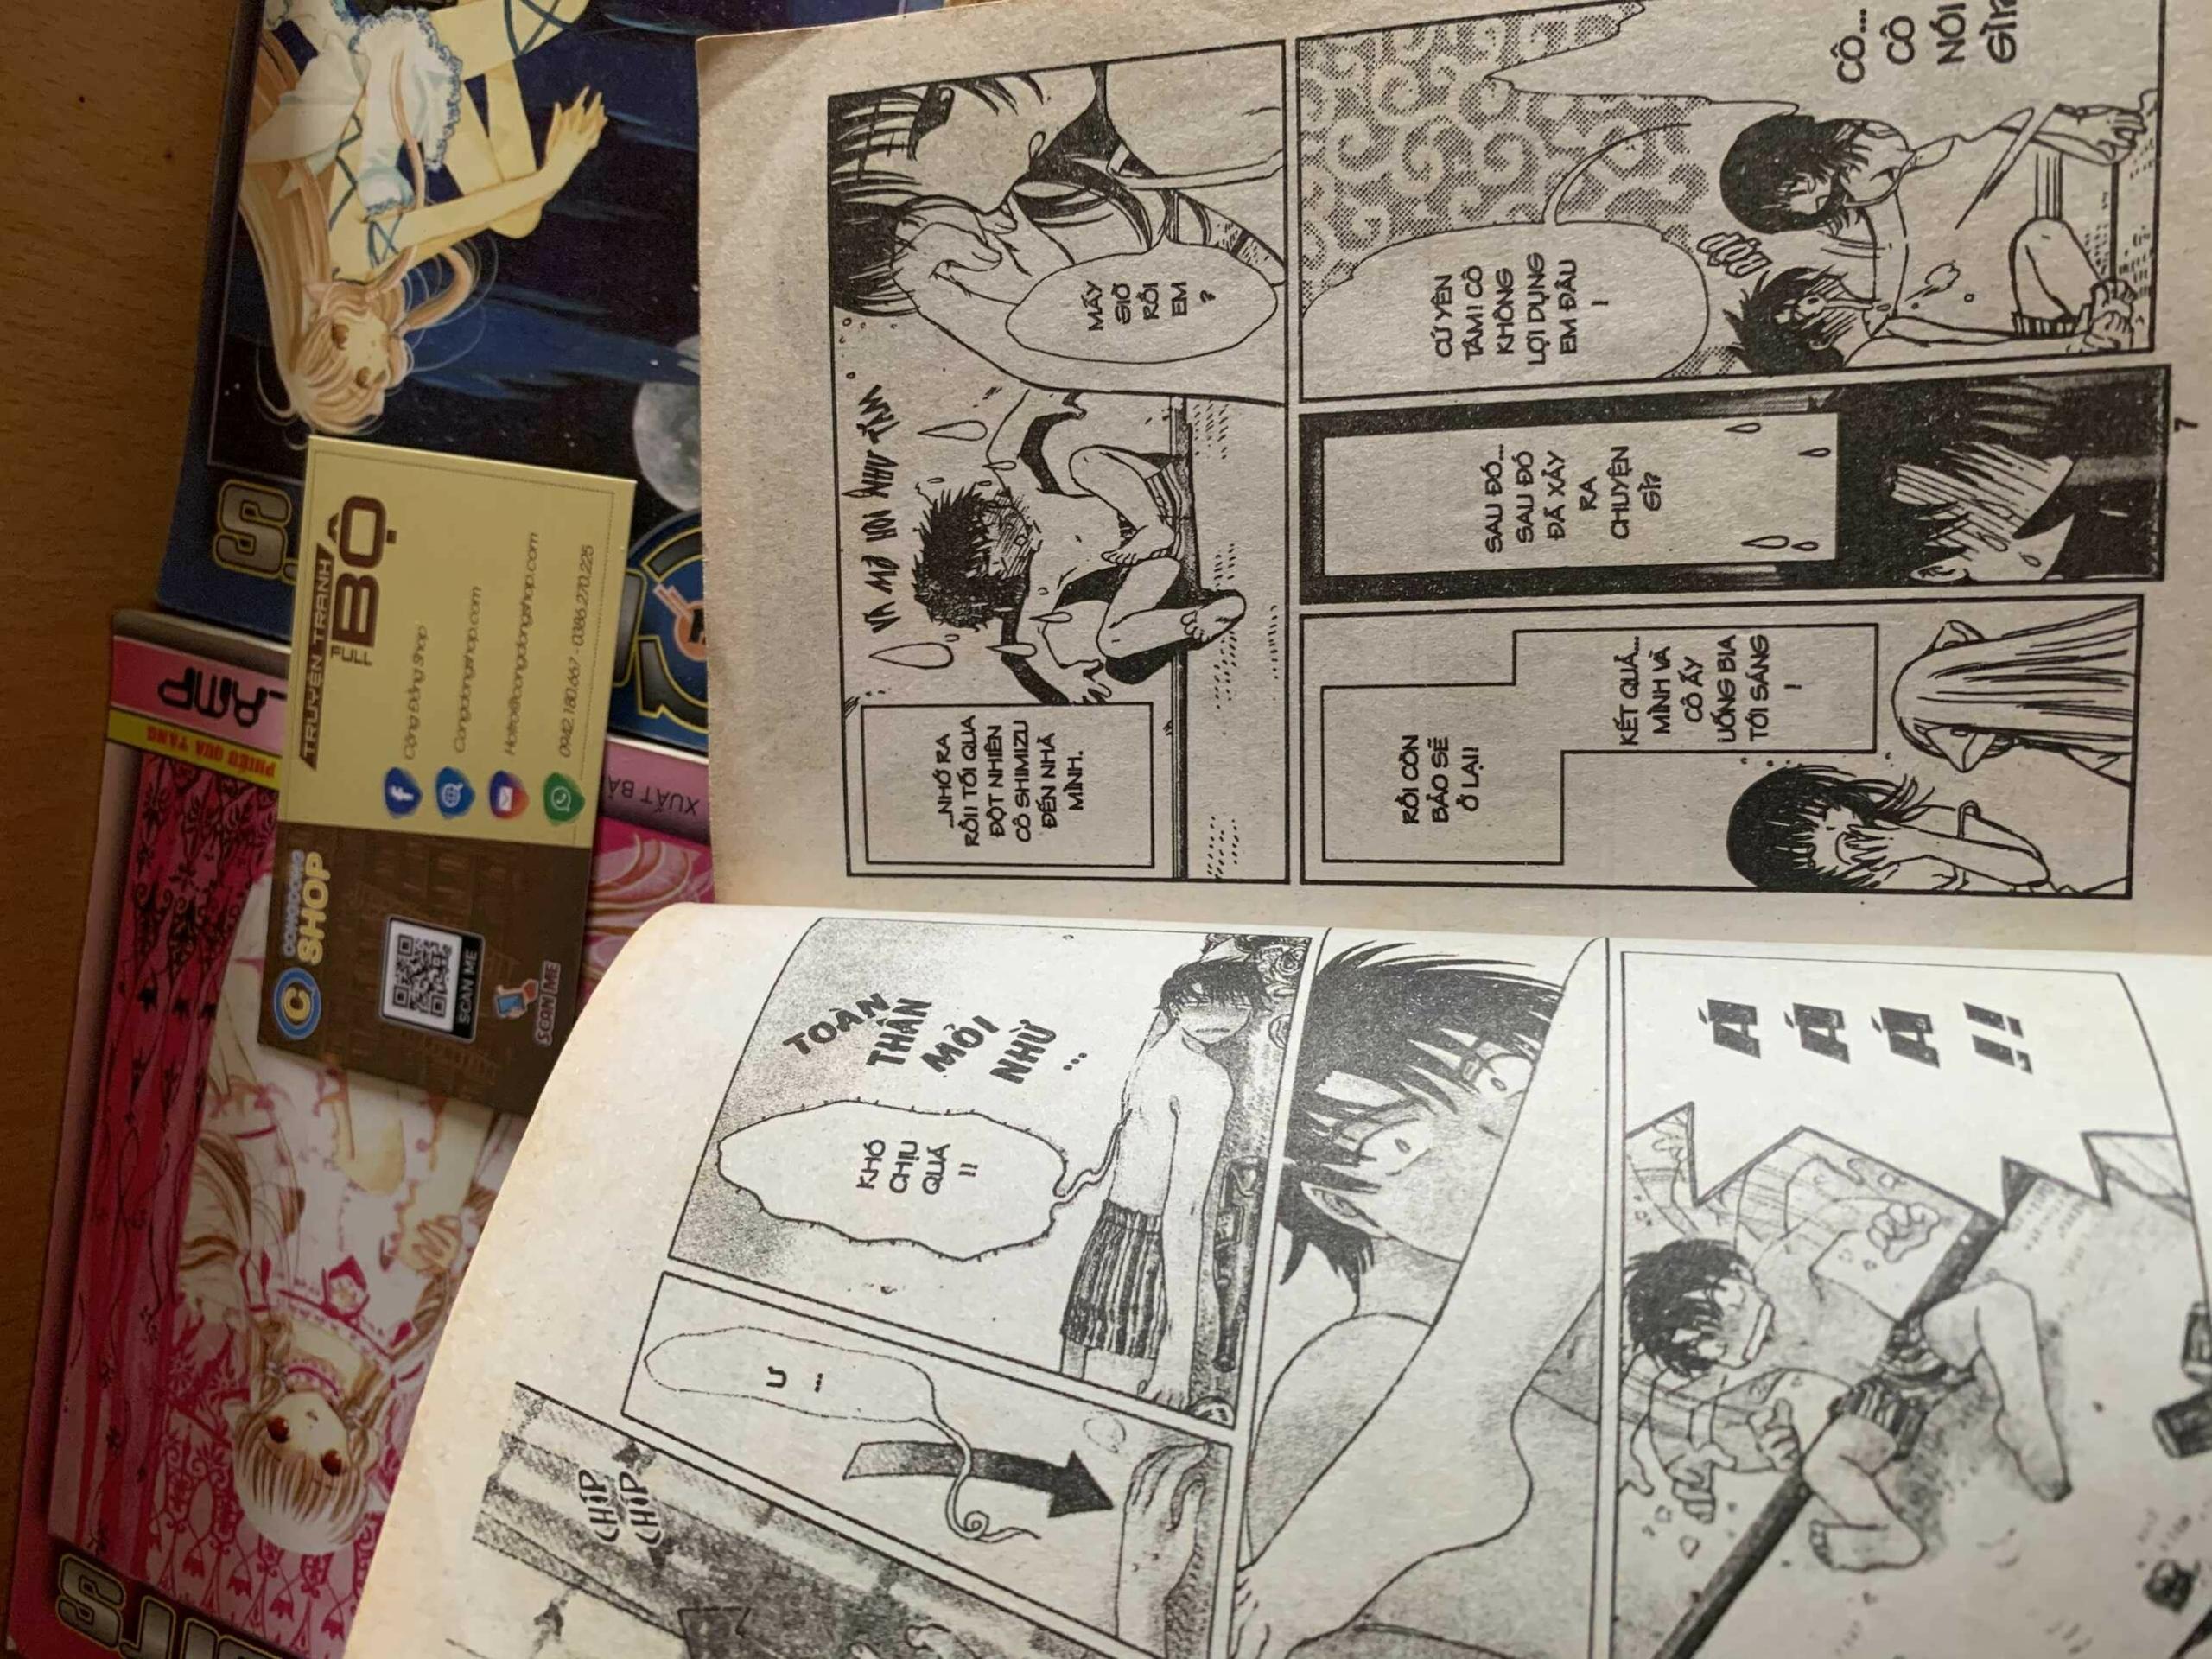 Truyện Chobits 8 Tập Full bộ giá rẻ | Congdongshop mua bán truyện đủ bộ